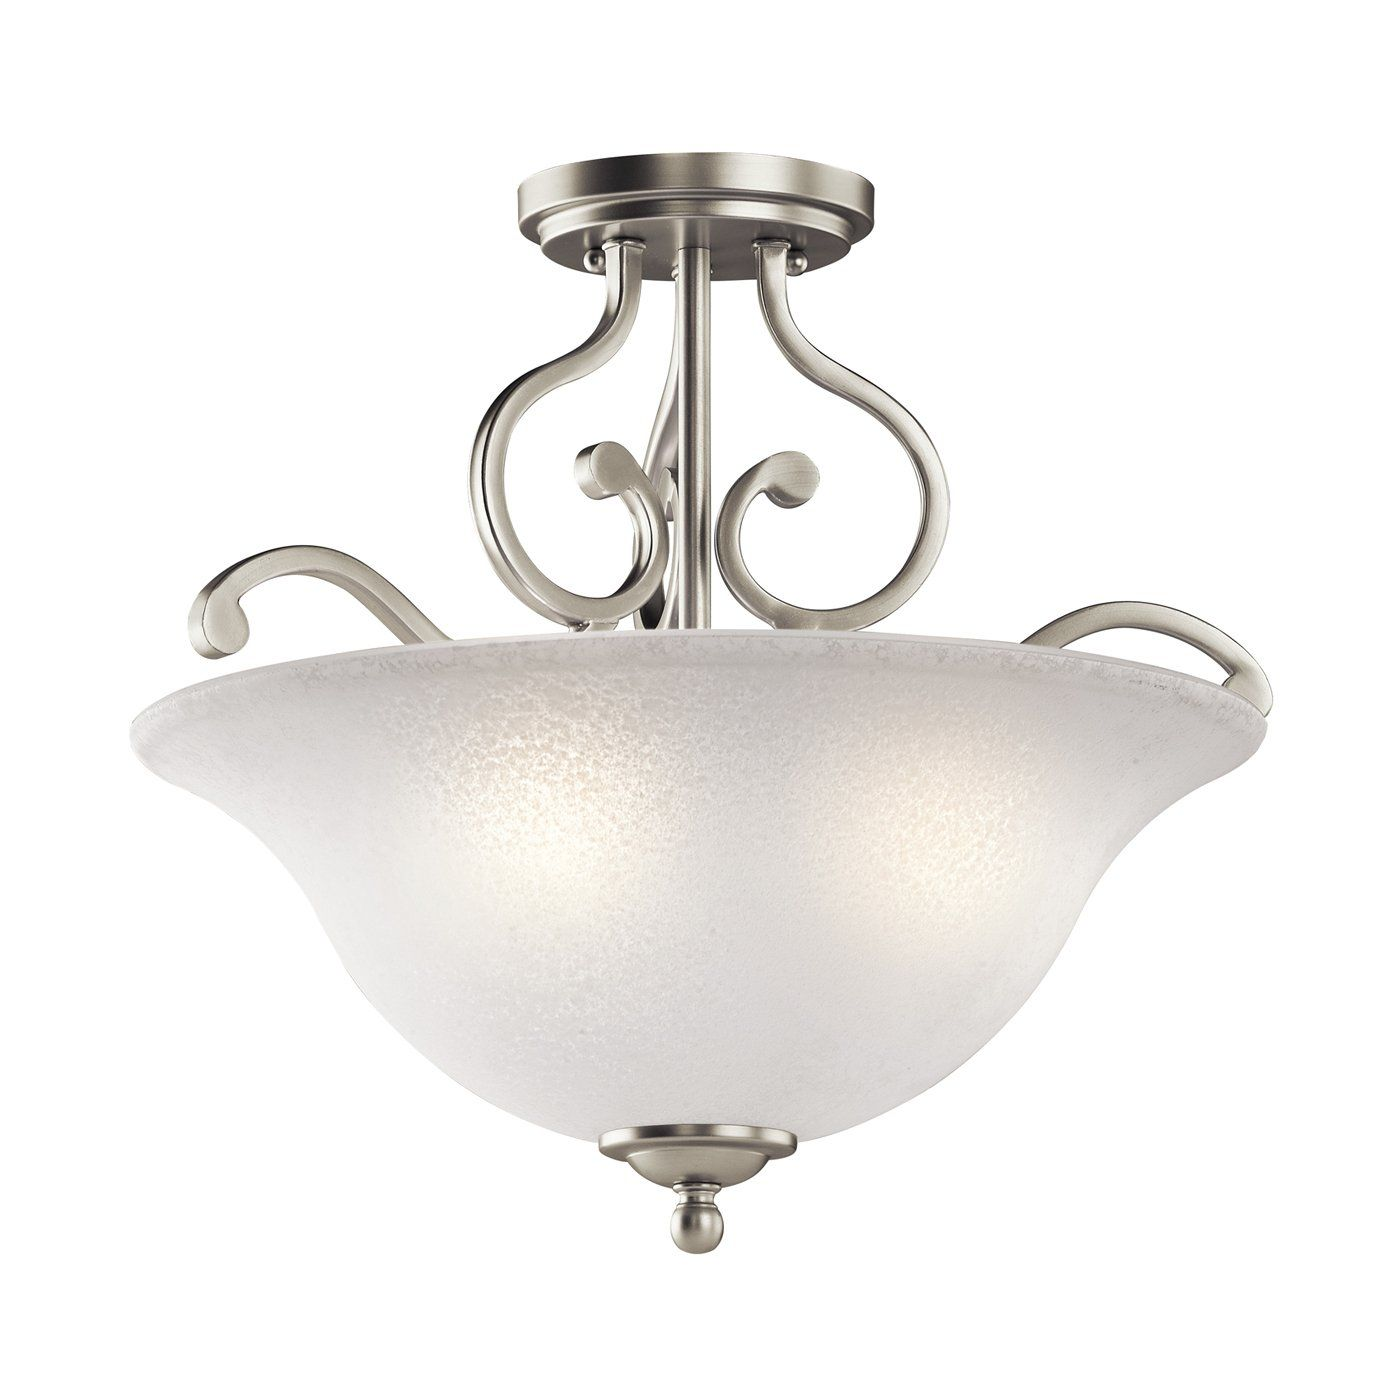 Kichler Lighting Camerena 3 Light Semi Flush Ceiling Light Lowe S